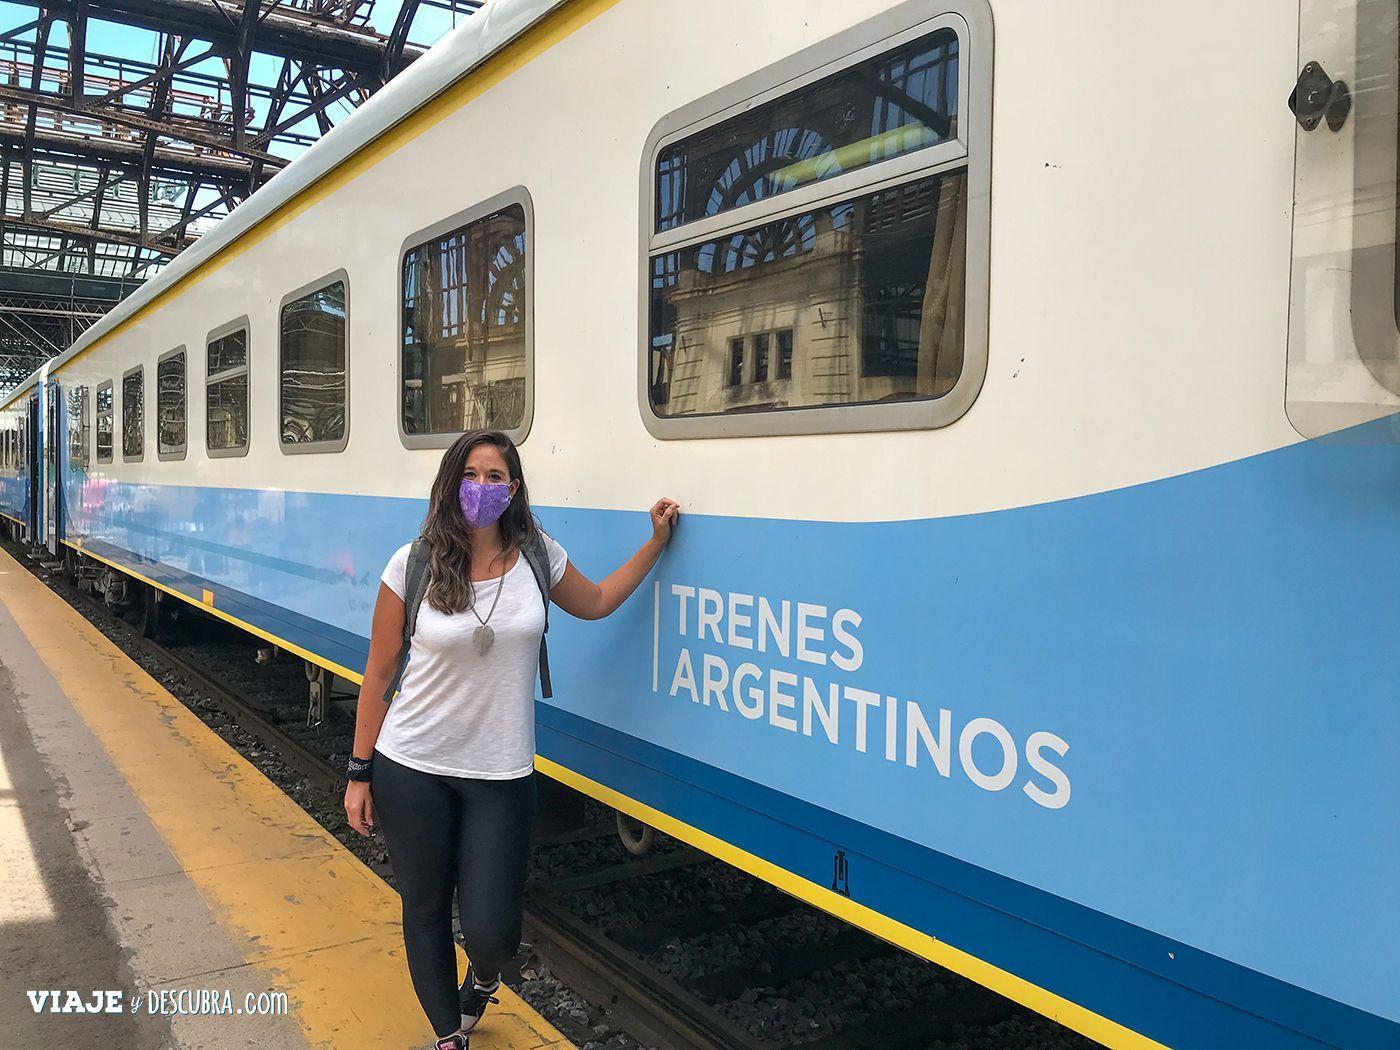 trenes-argentinos,-tren-a-mar-del-plata,-flor-zaccagnino,-viajeydescubra